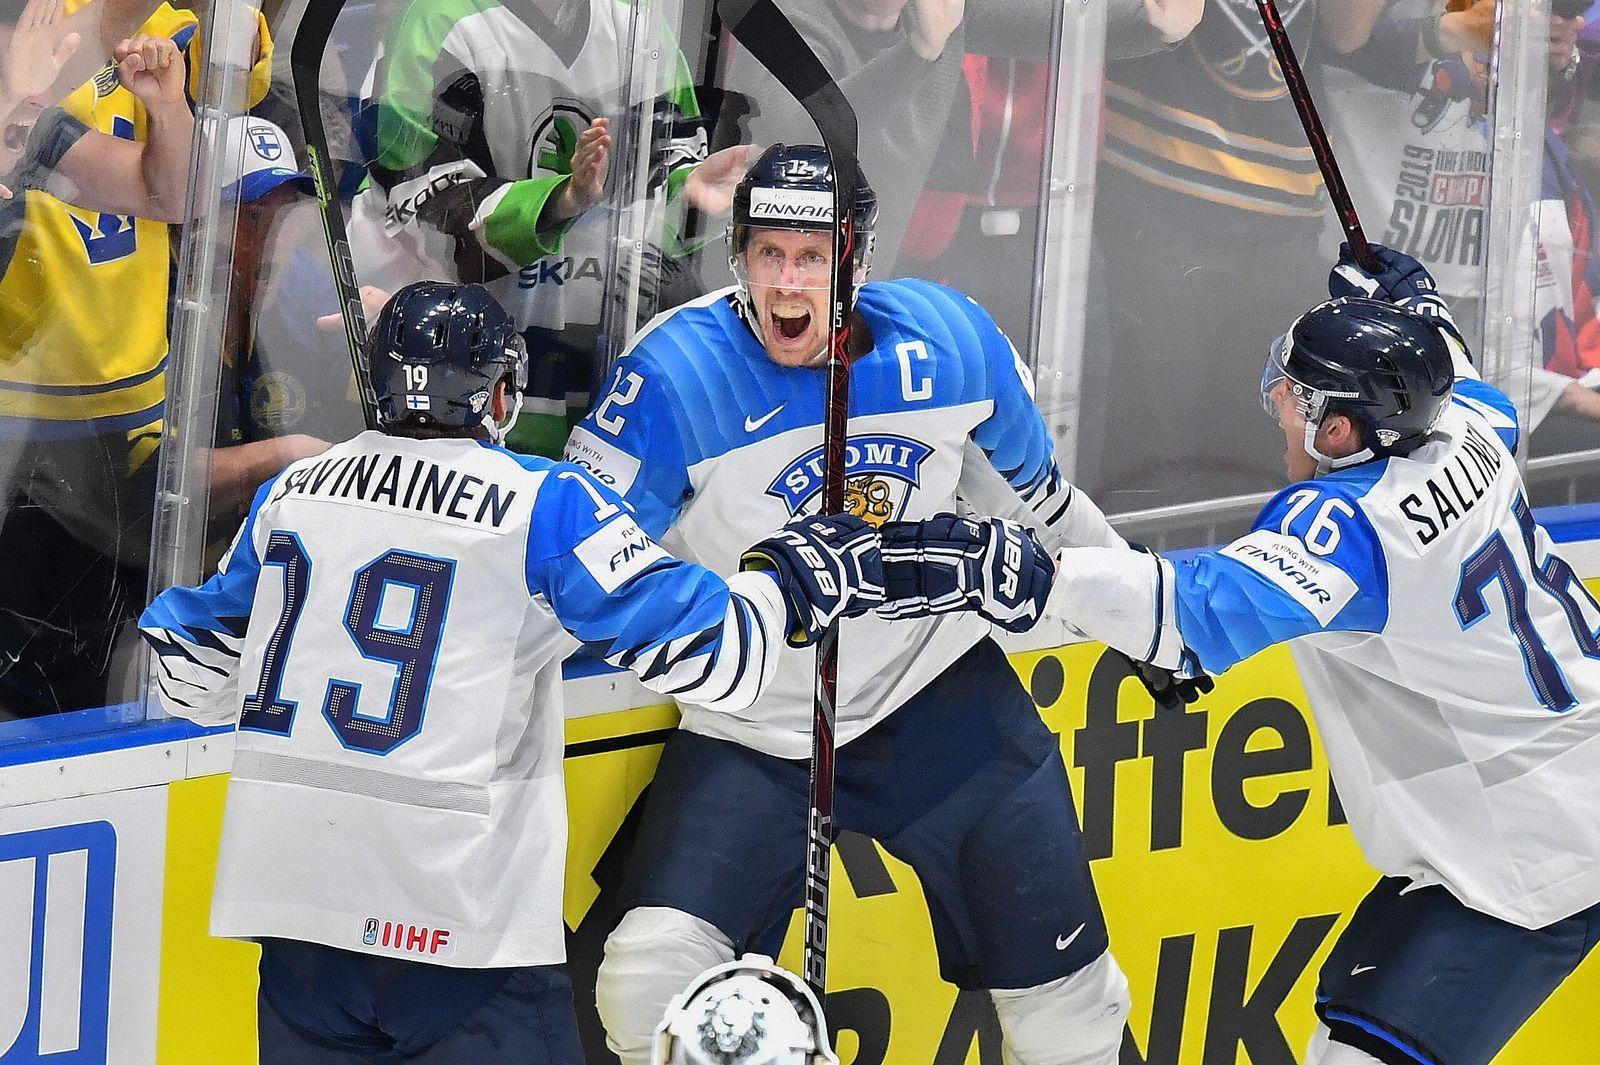 IHOCKEY-WC-IIHF-CAN-FIN